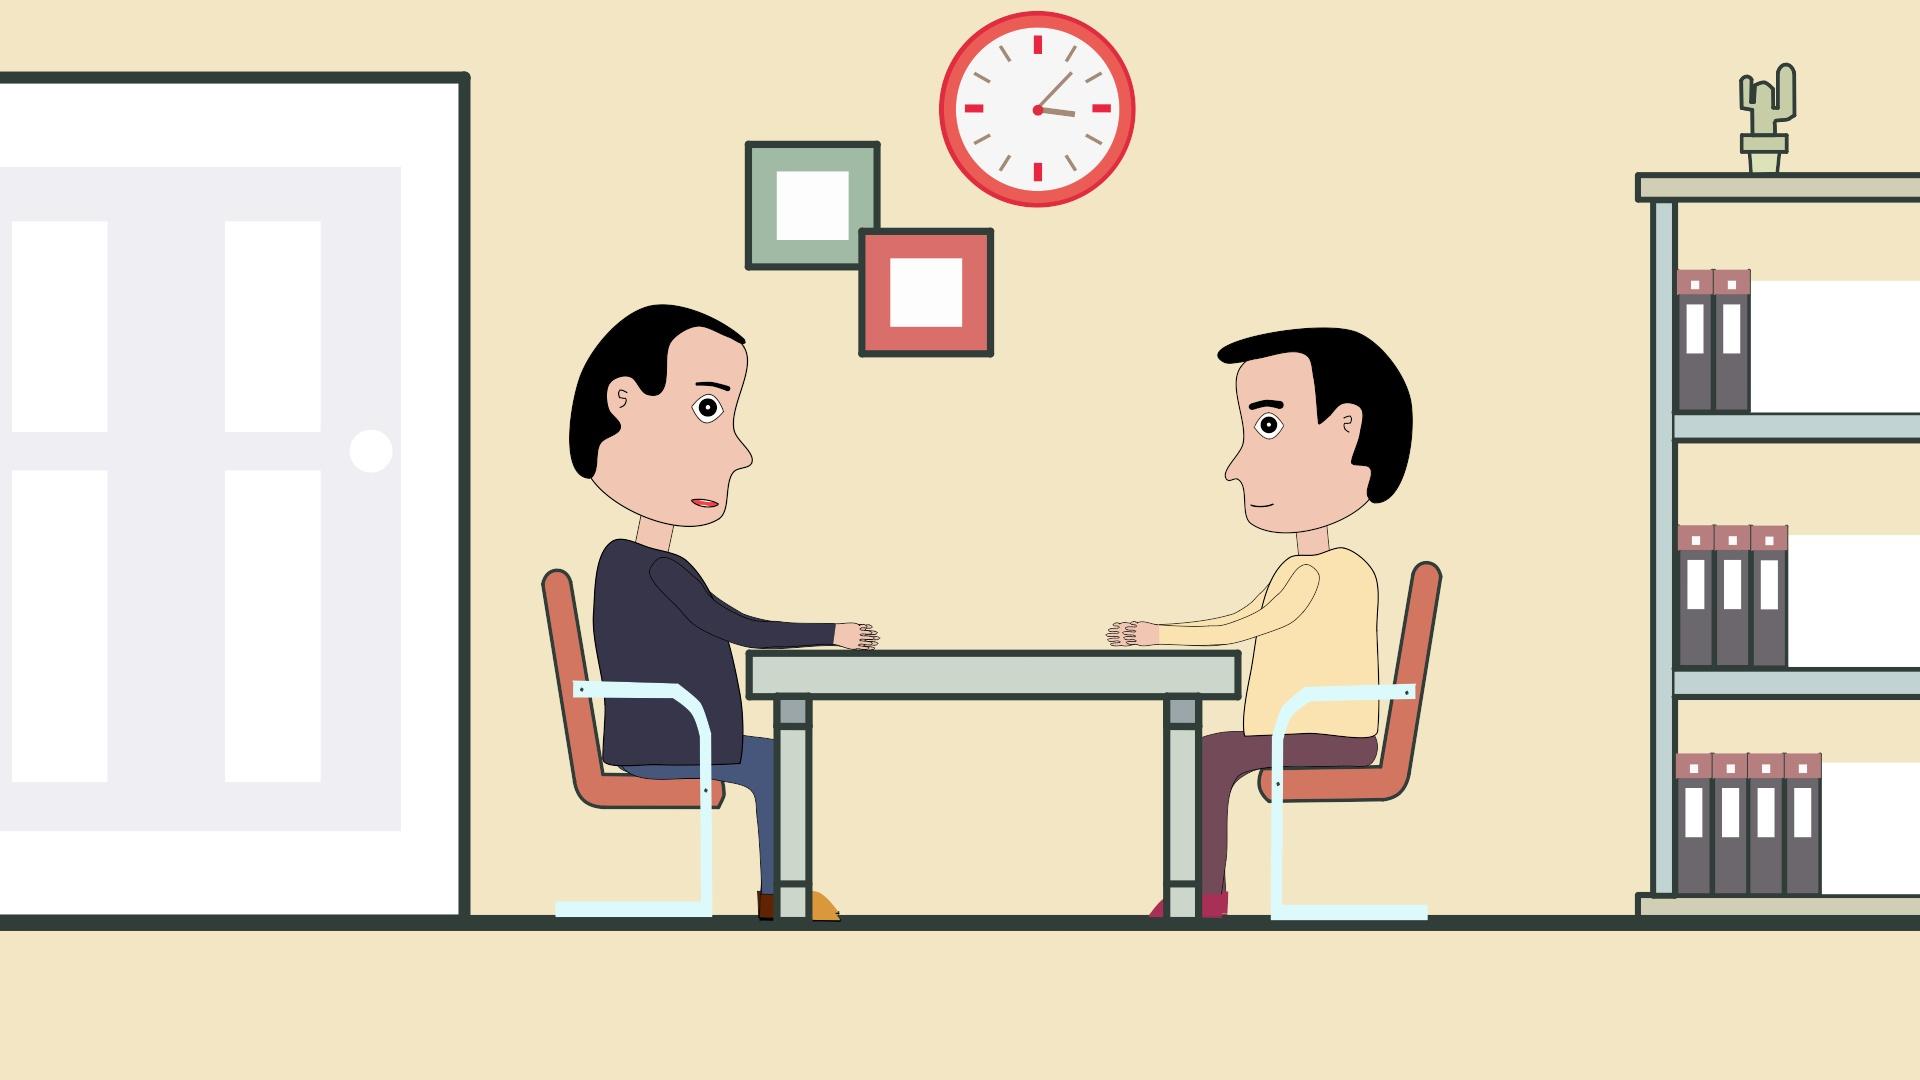 两人竞聘给领导开车司机岗,口才好的应聘者这样说,最终求职成功